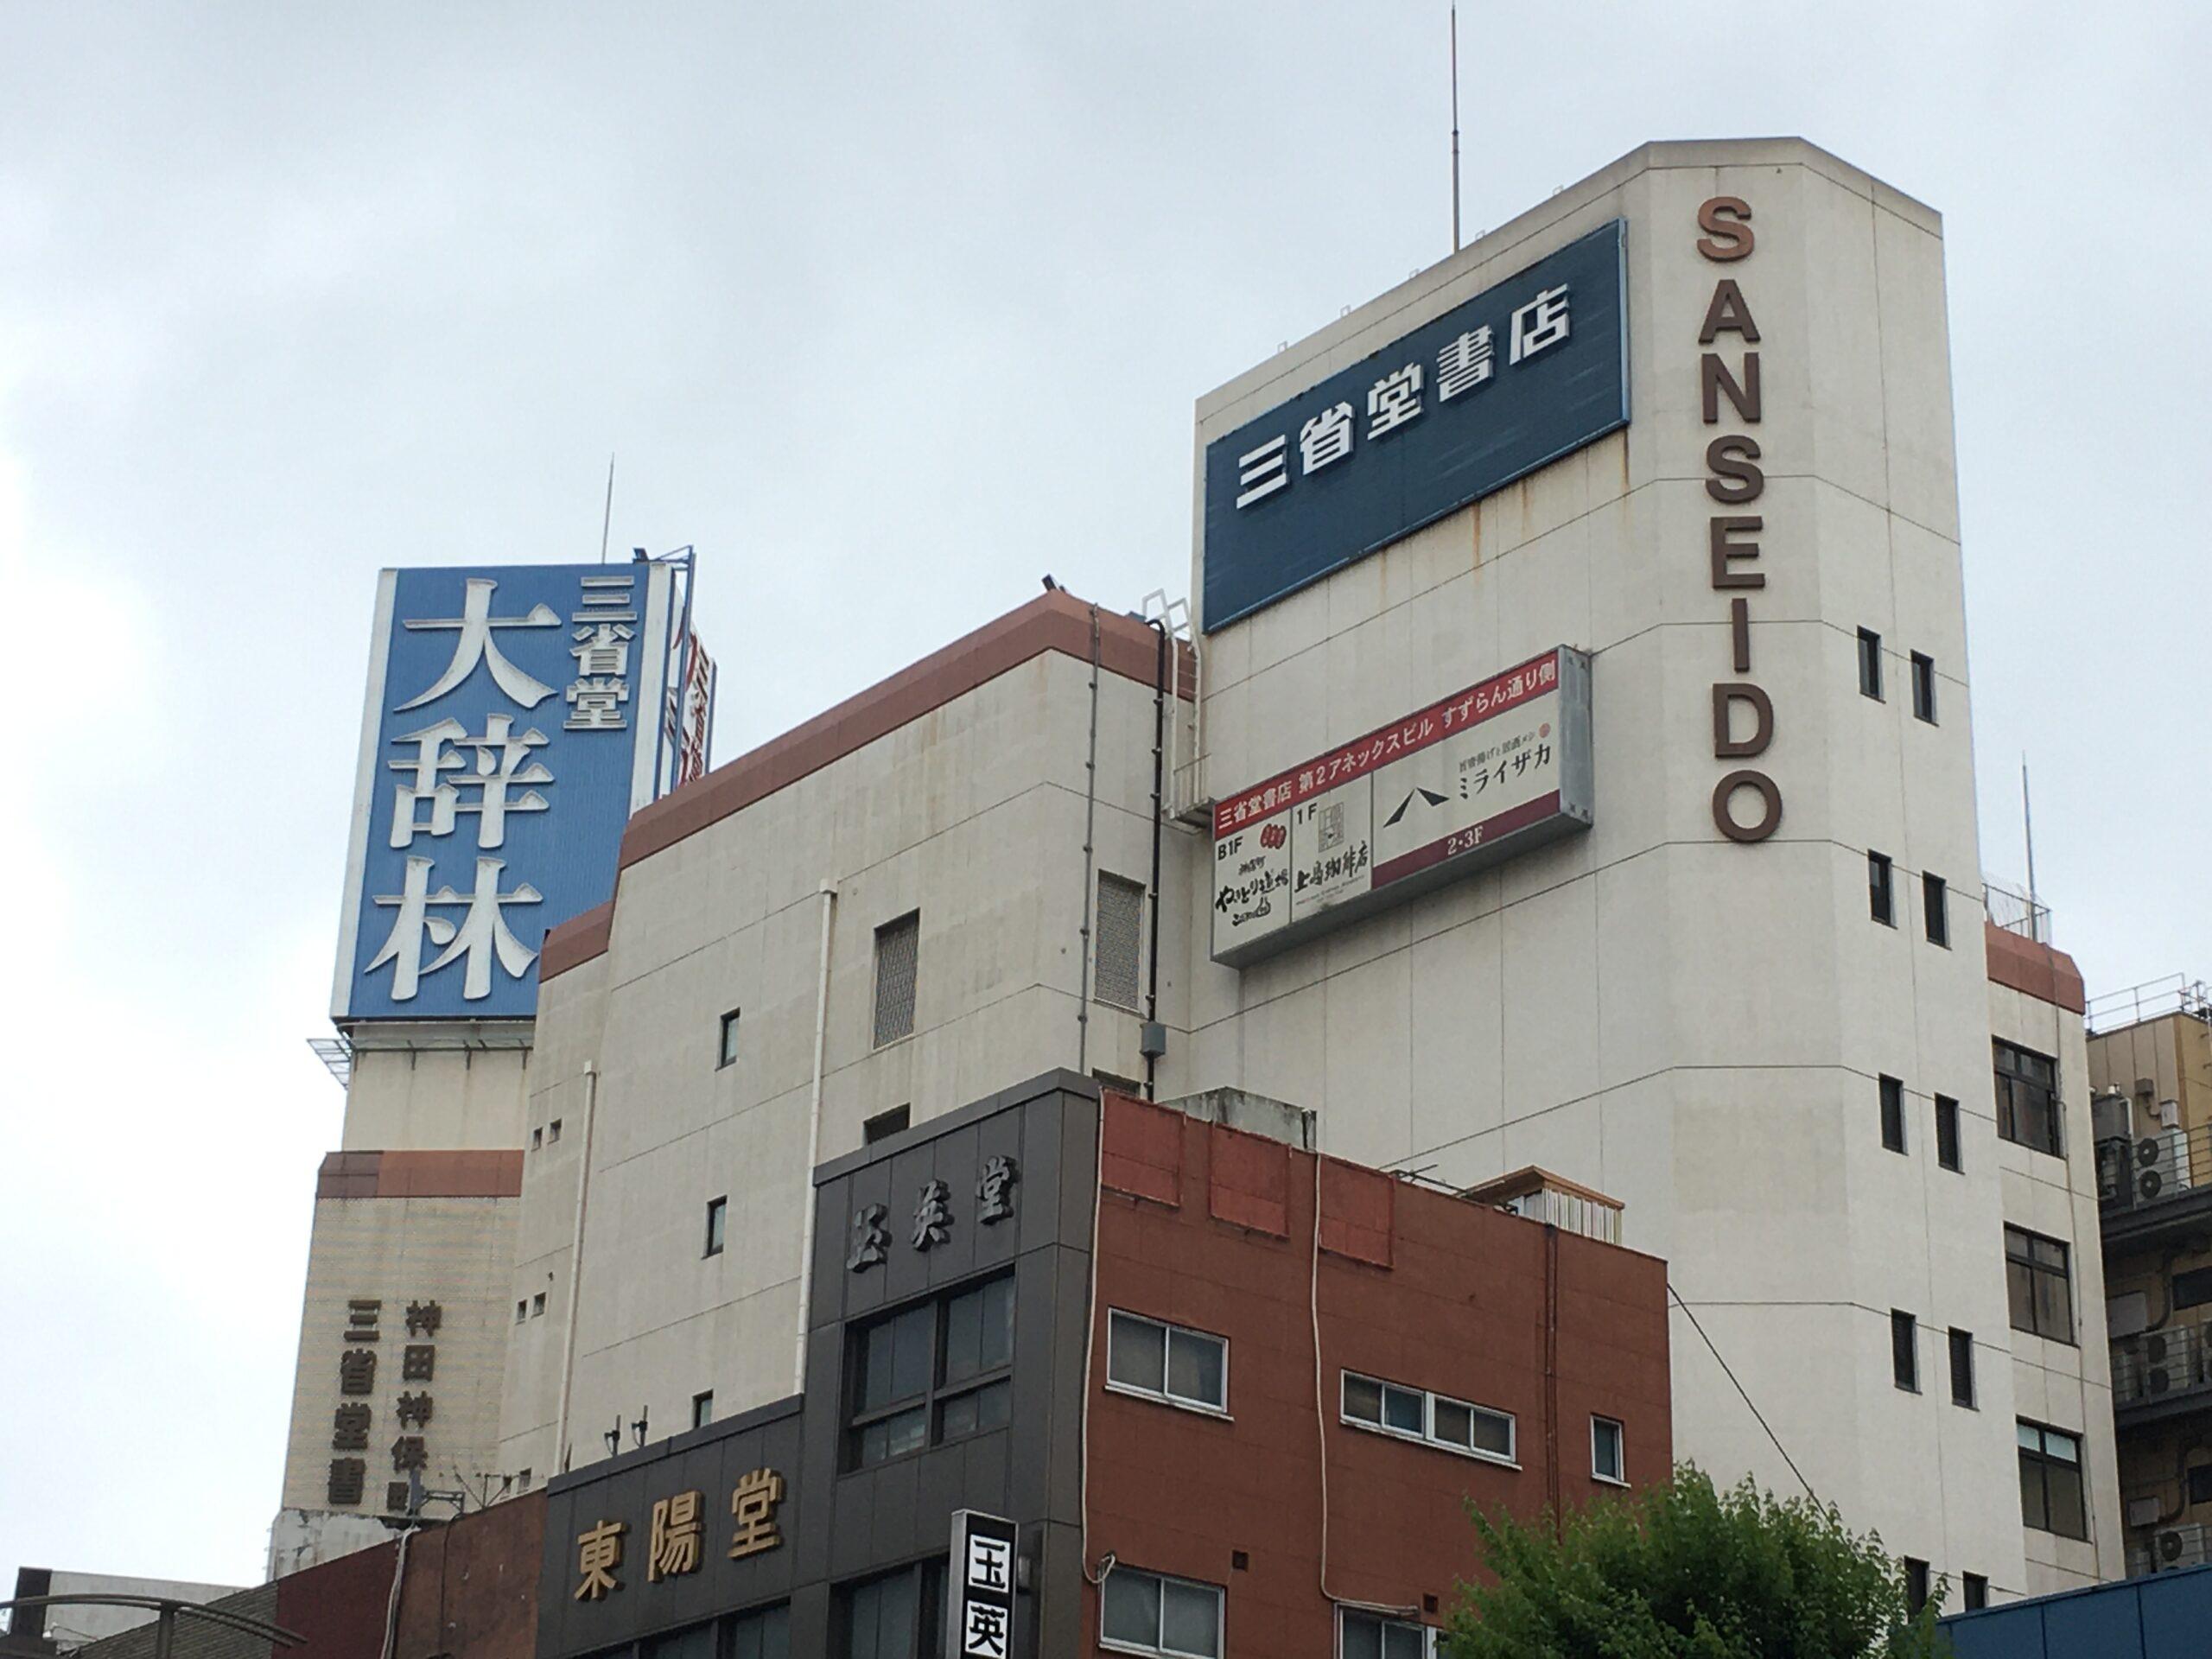 三省堂書店・神保町本店、周辺敷地含め1745㎡を高層ビルへ再開発